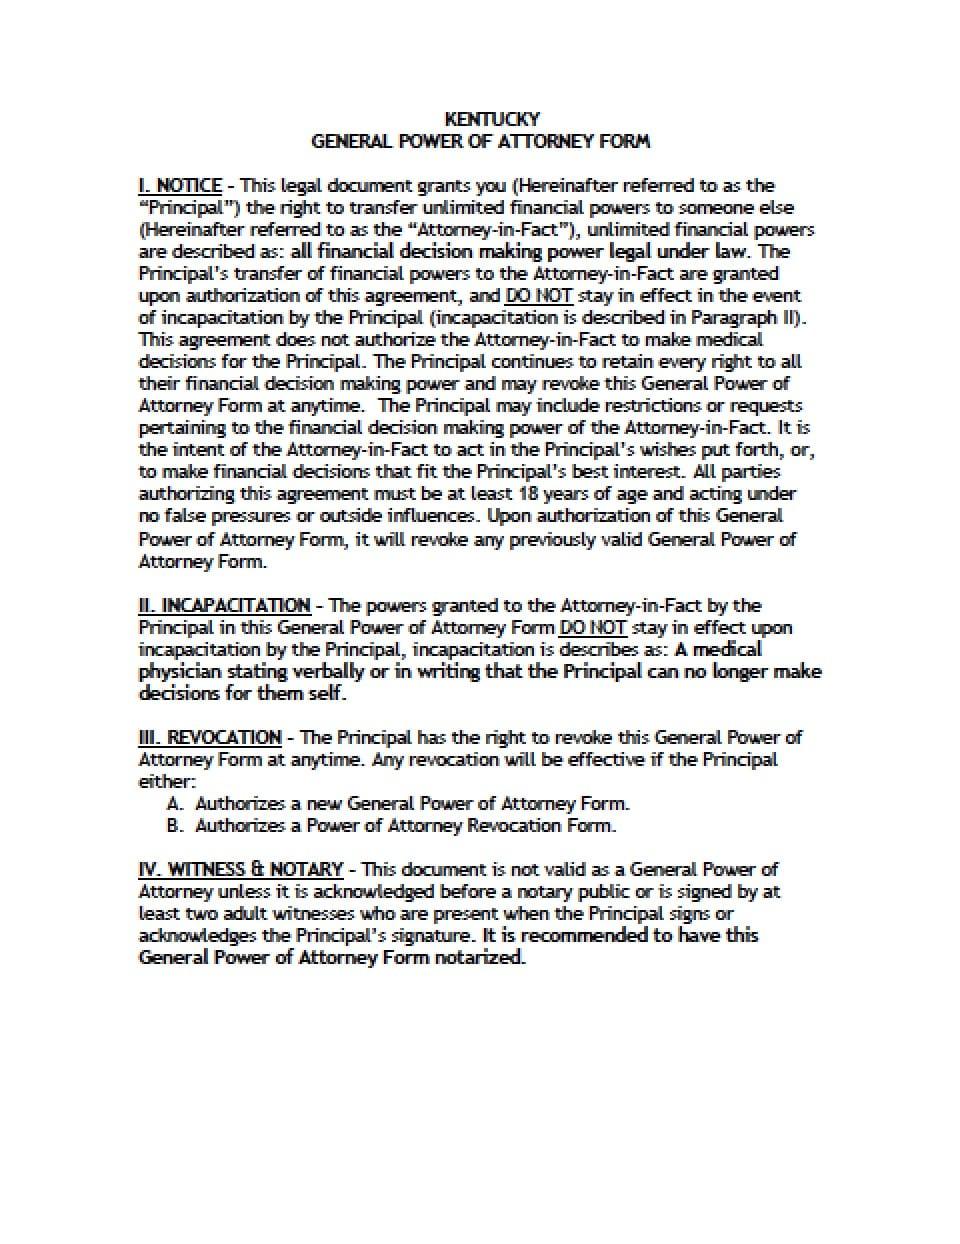 power of attorney form kentucky  Kentucky General Financial Power of Attorney Form - Power of ...